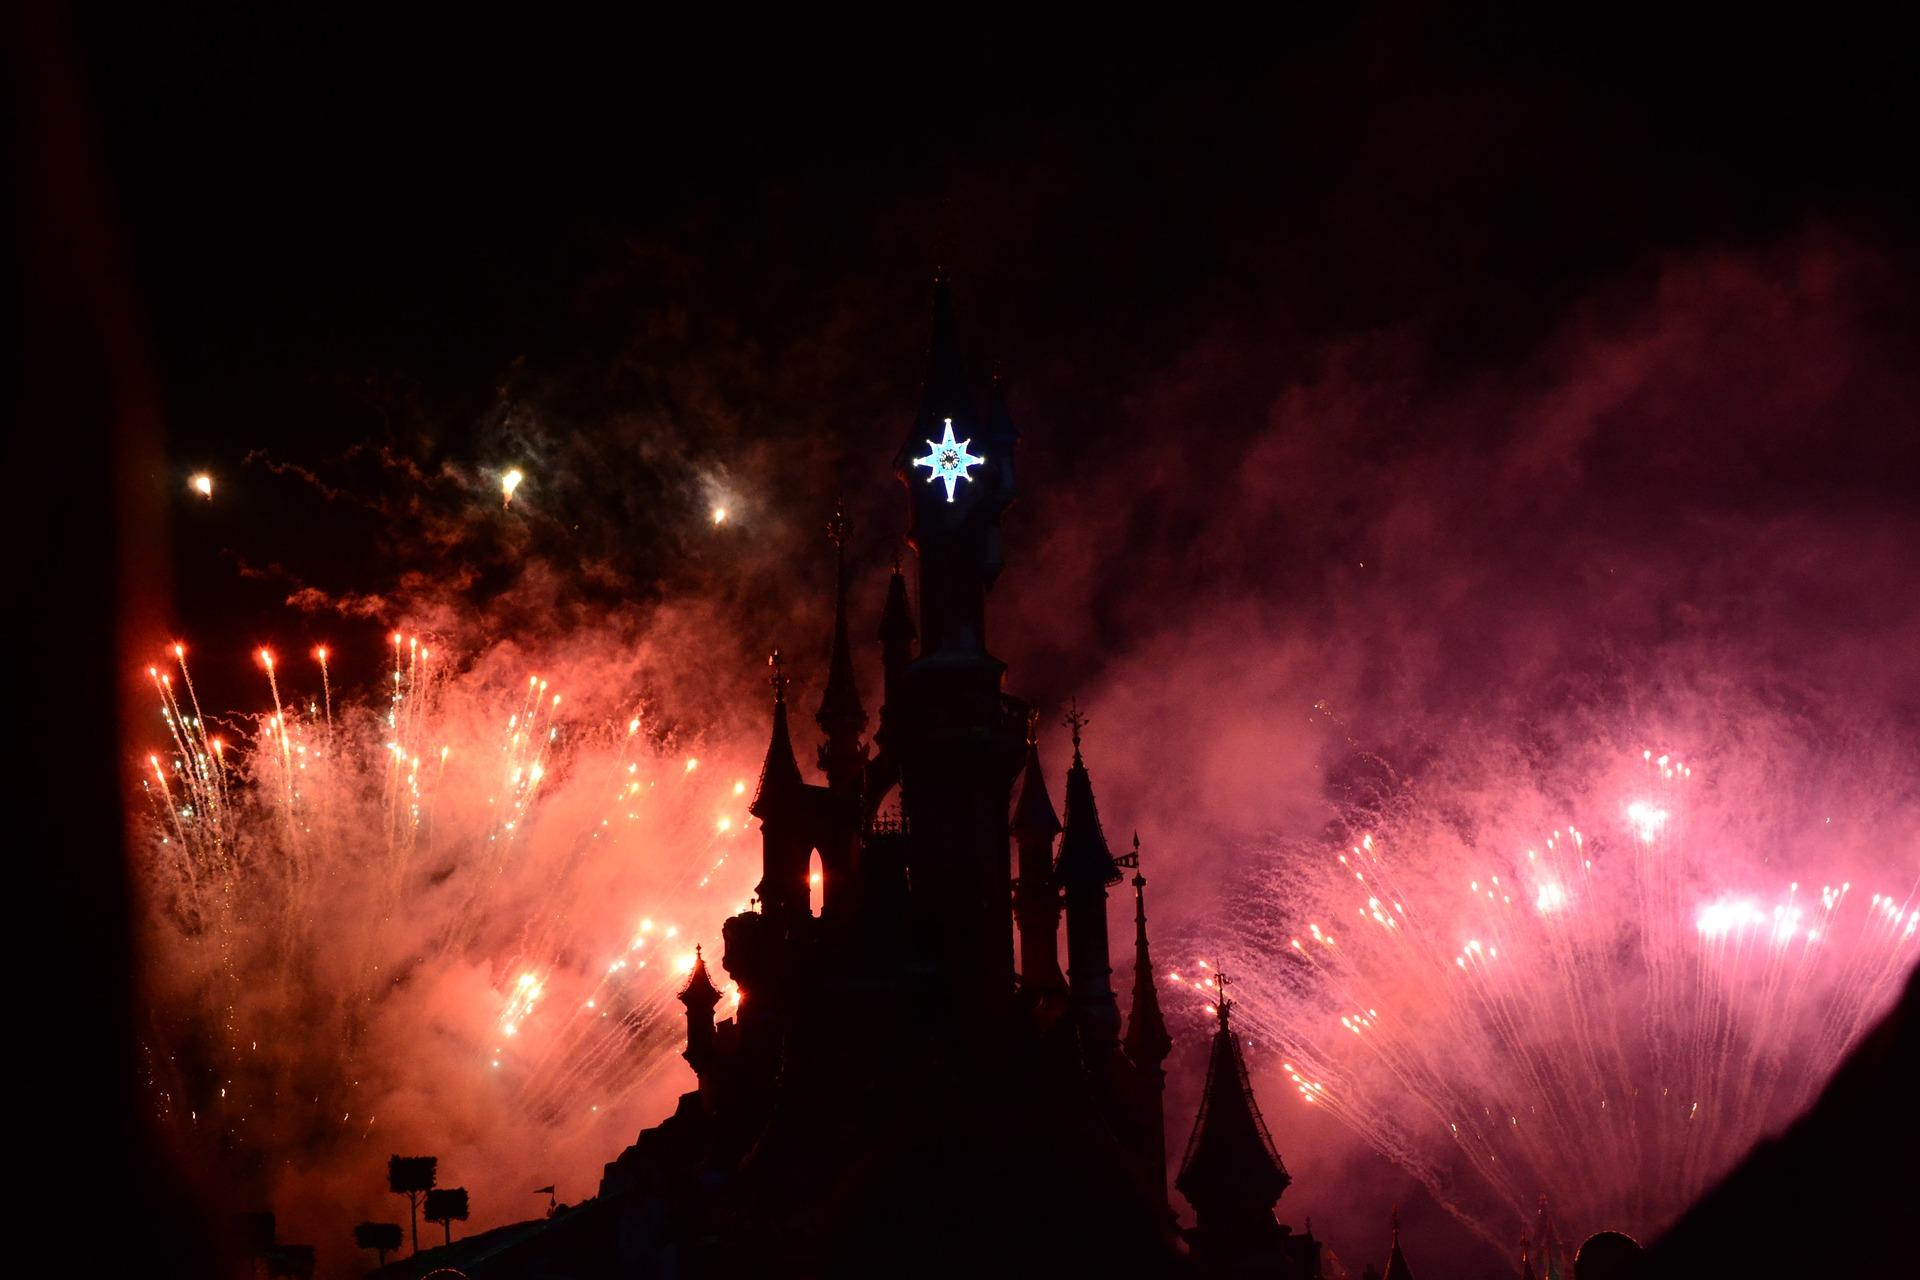 Freut euch am 05 Juli auf ein atemberaubendes Feuerwerk an dem alles getan wurde, außer gespart